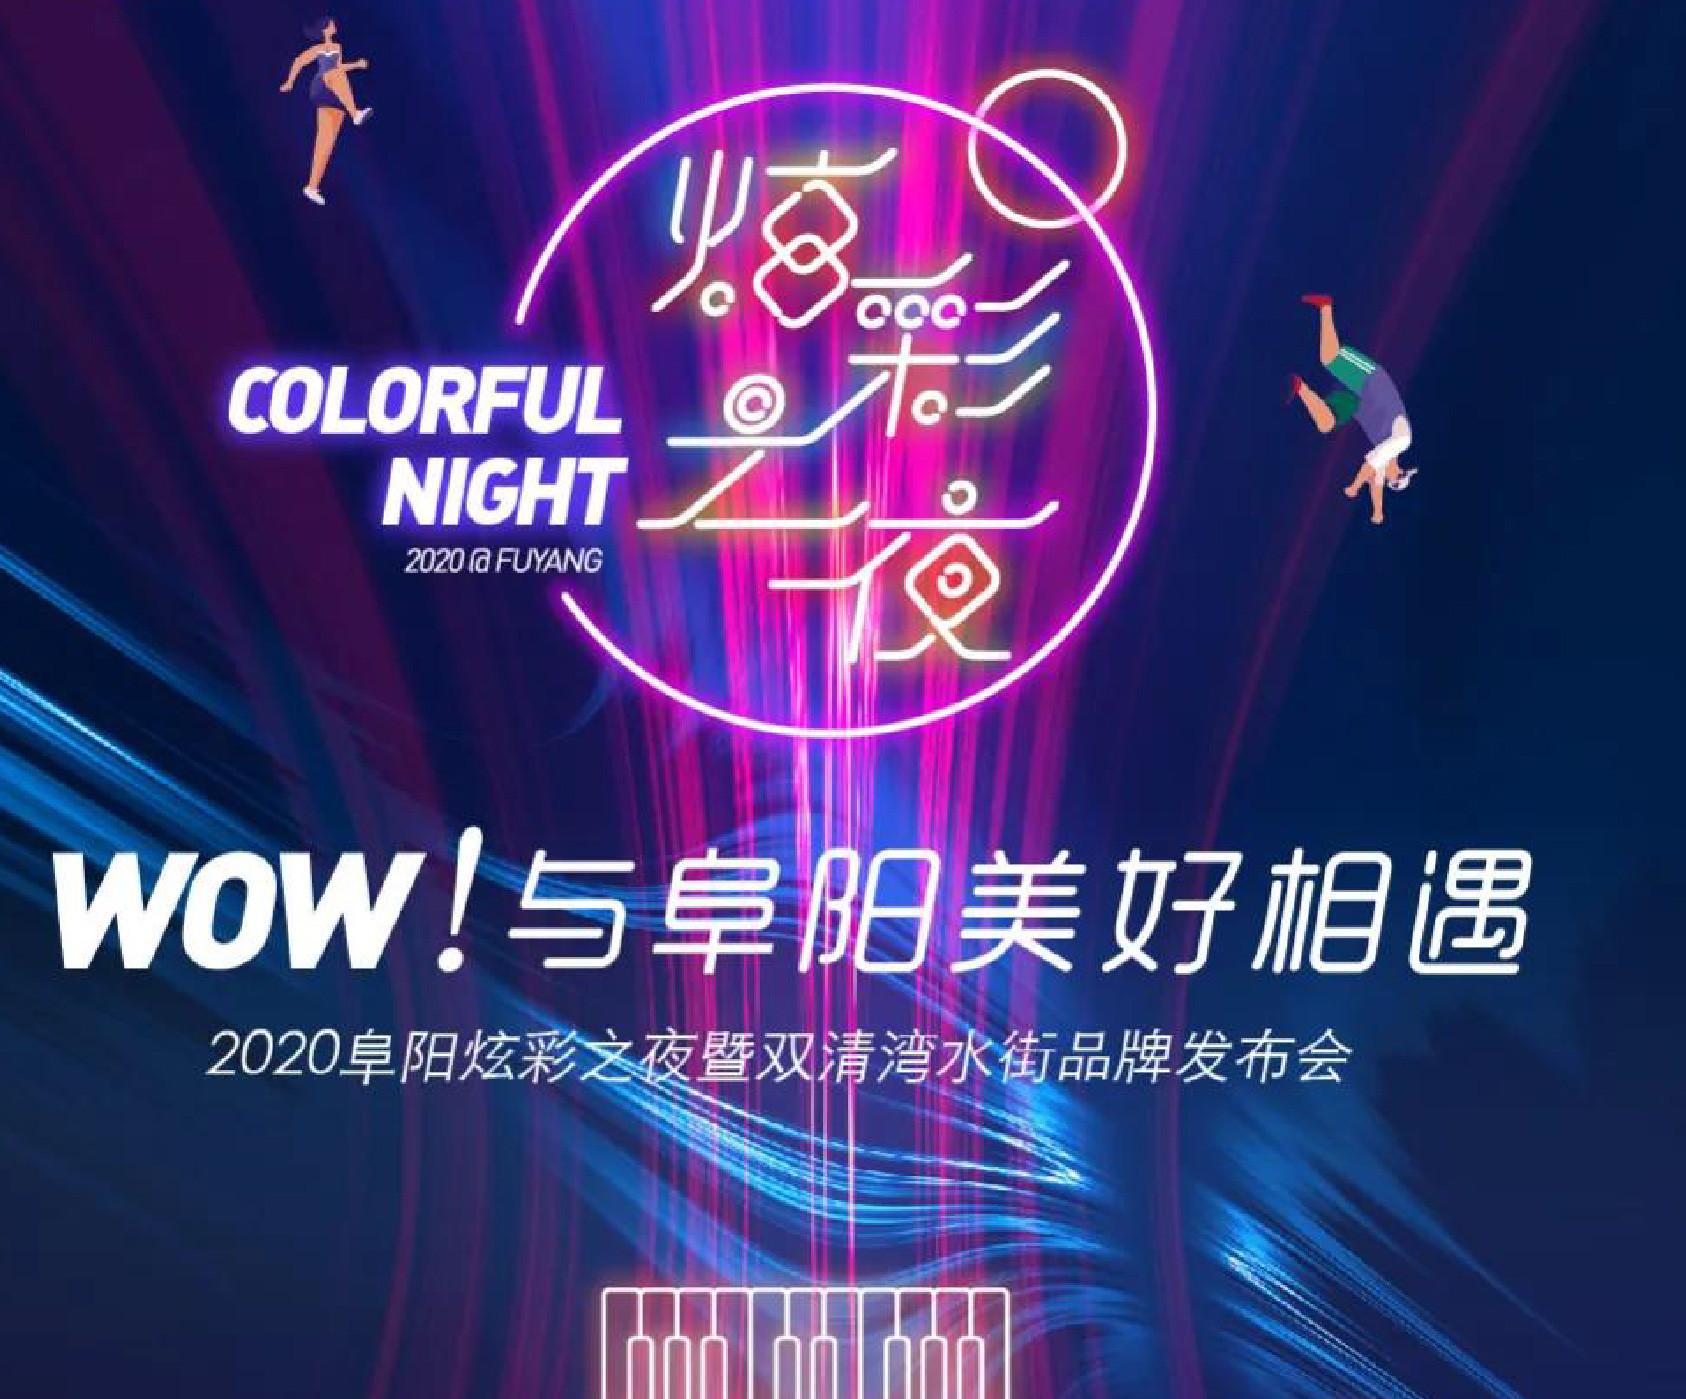 LON项目动态—WOW!与阜阳美好相遇,2020阜阳炫彩之夜!